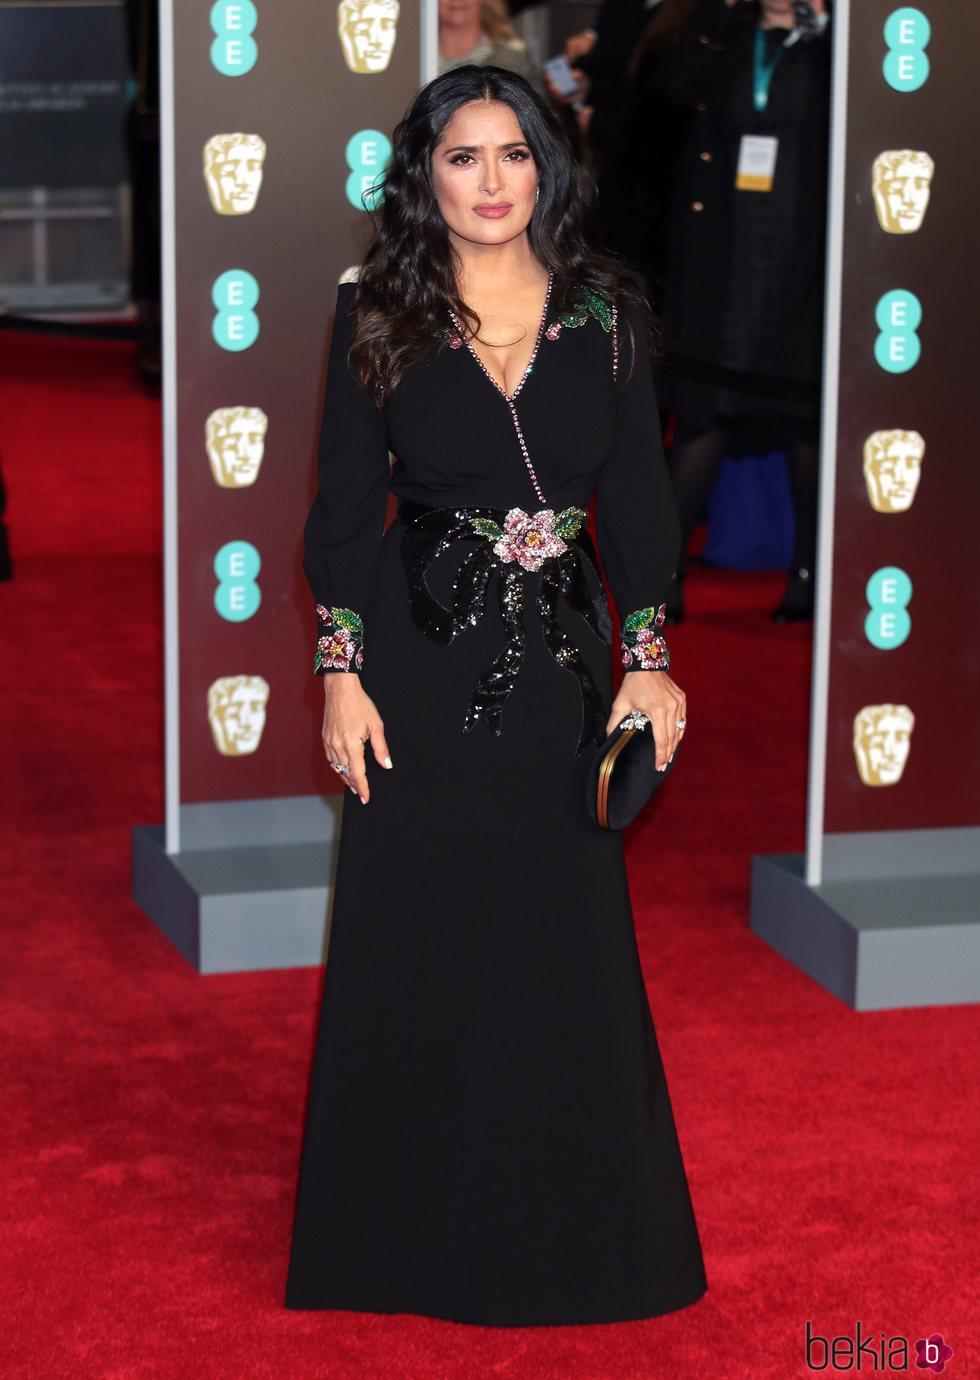 Salma Hayek en la alfombra roja de los Premios BAFTA 2018